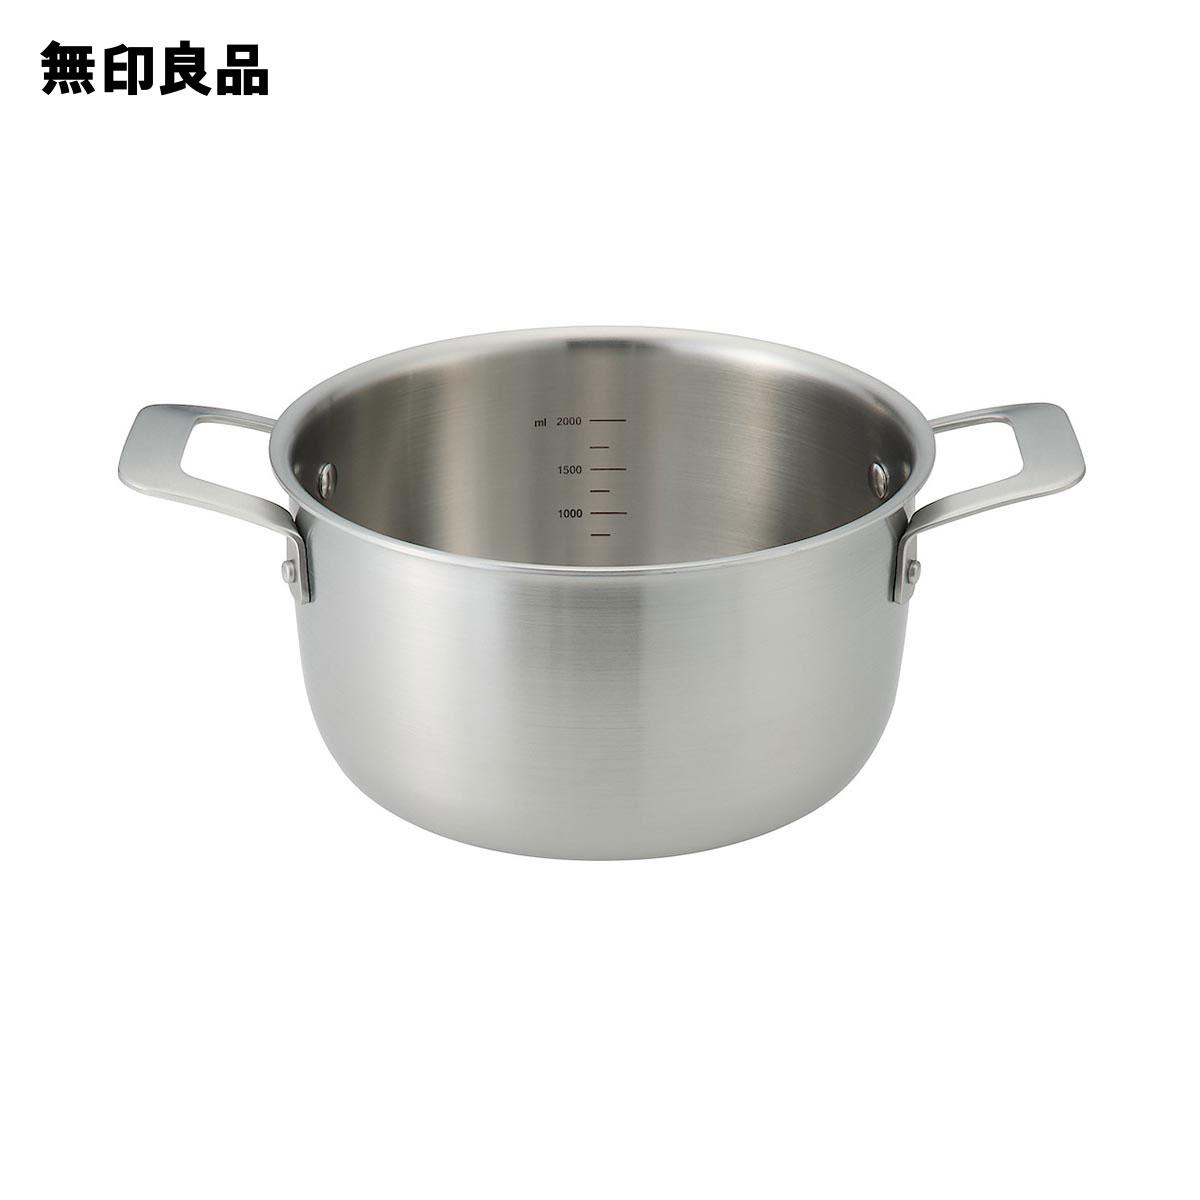 ステンレスアルミ全面三層鋼両手鍋 約3.0L